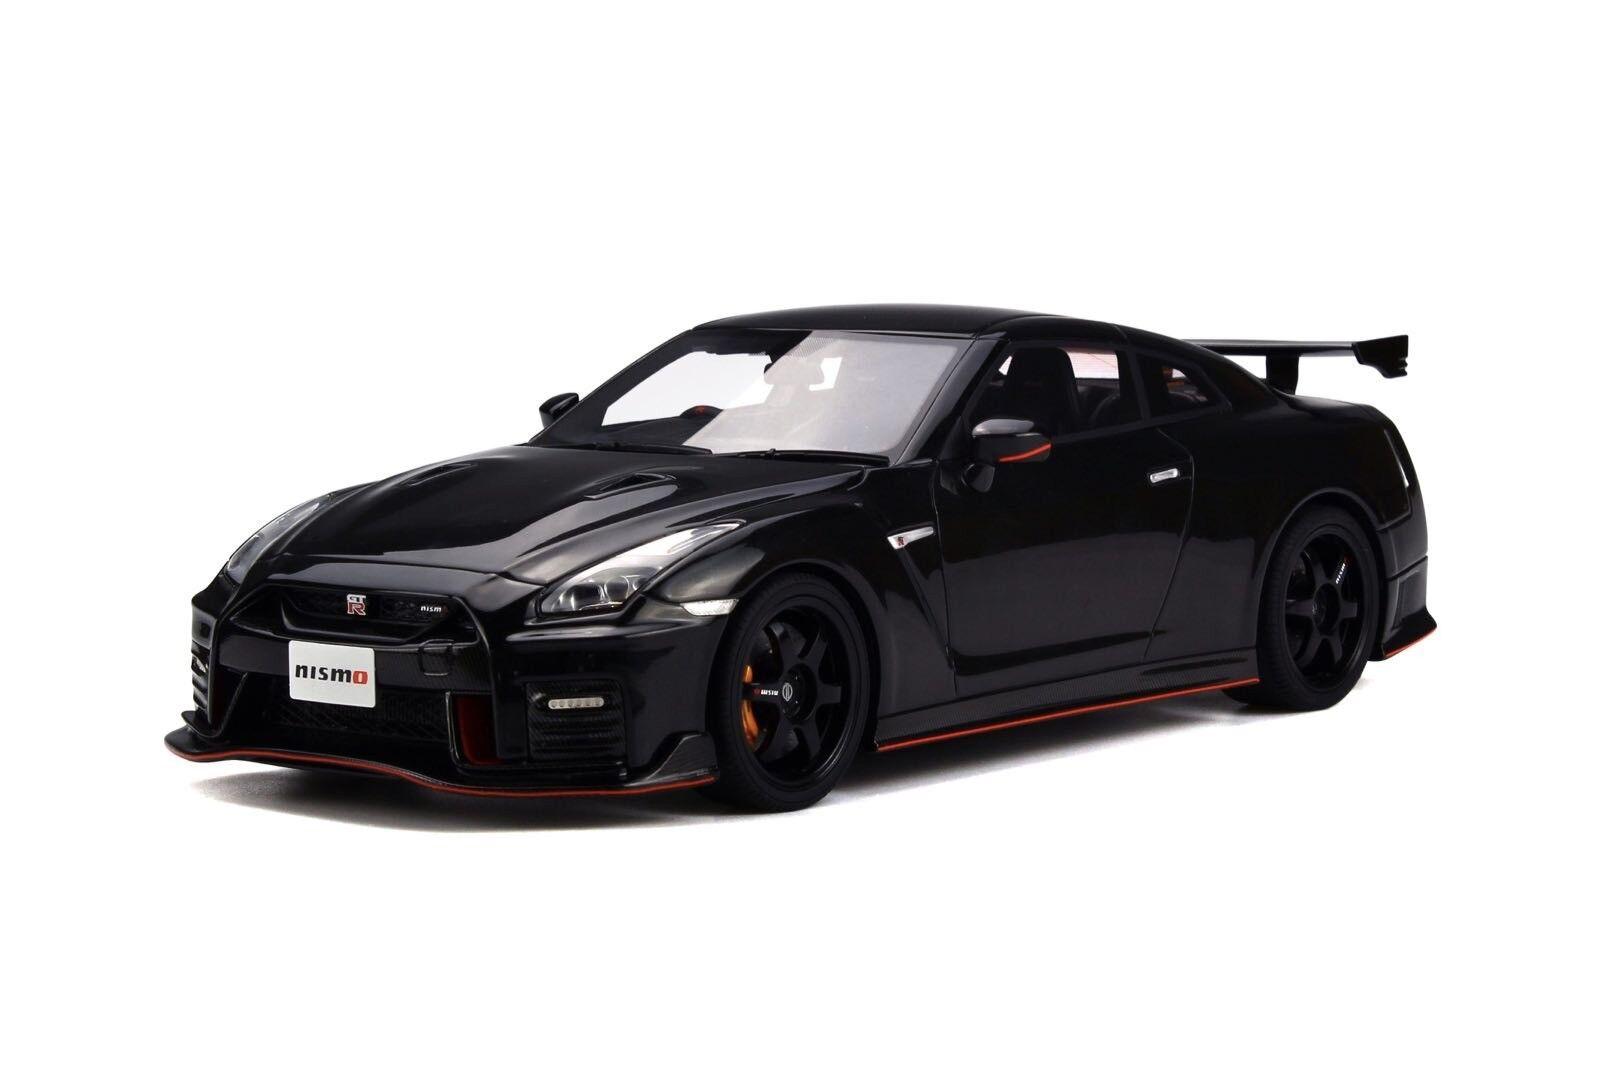 ahorra hasta un 70% Modelo de coche de resina GT Spirit Nissan GTR35 Nismo Nismo Nismo 2017 (Negro) 1 18 + Regalo     compra en línea hoy